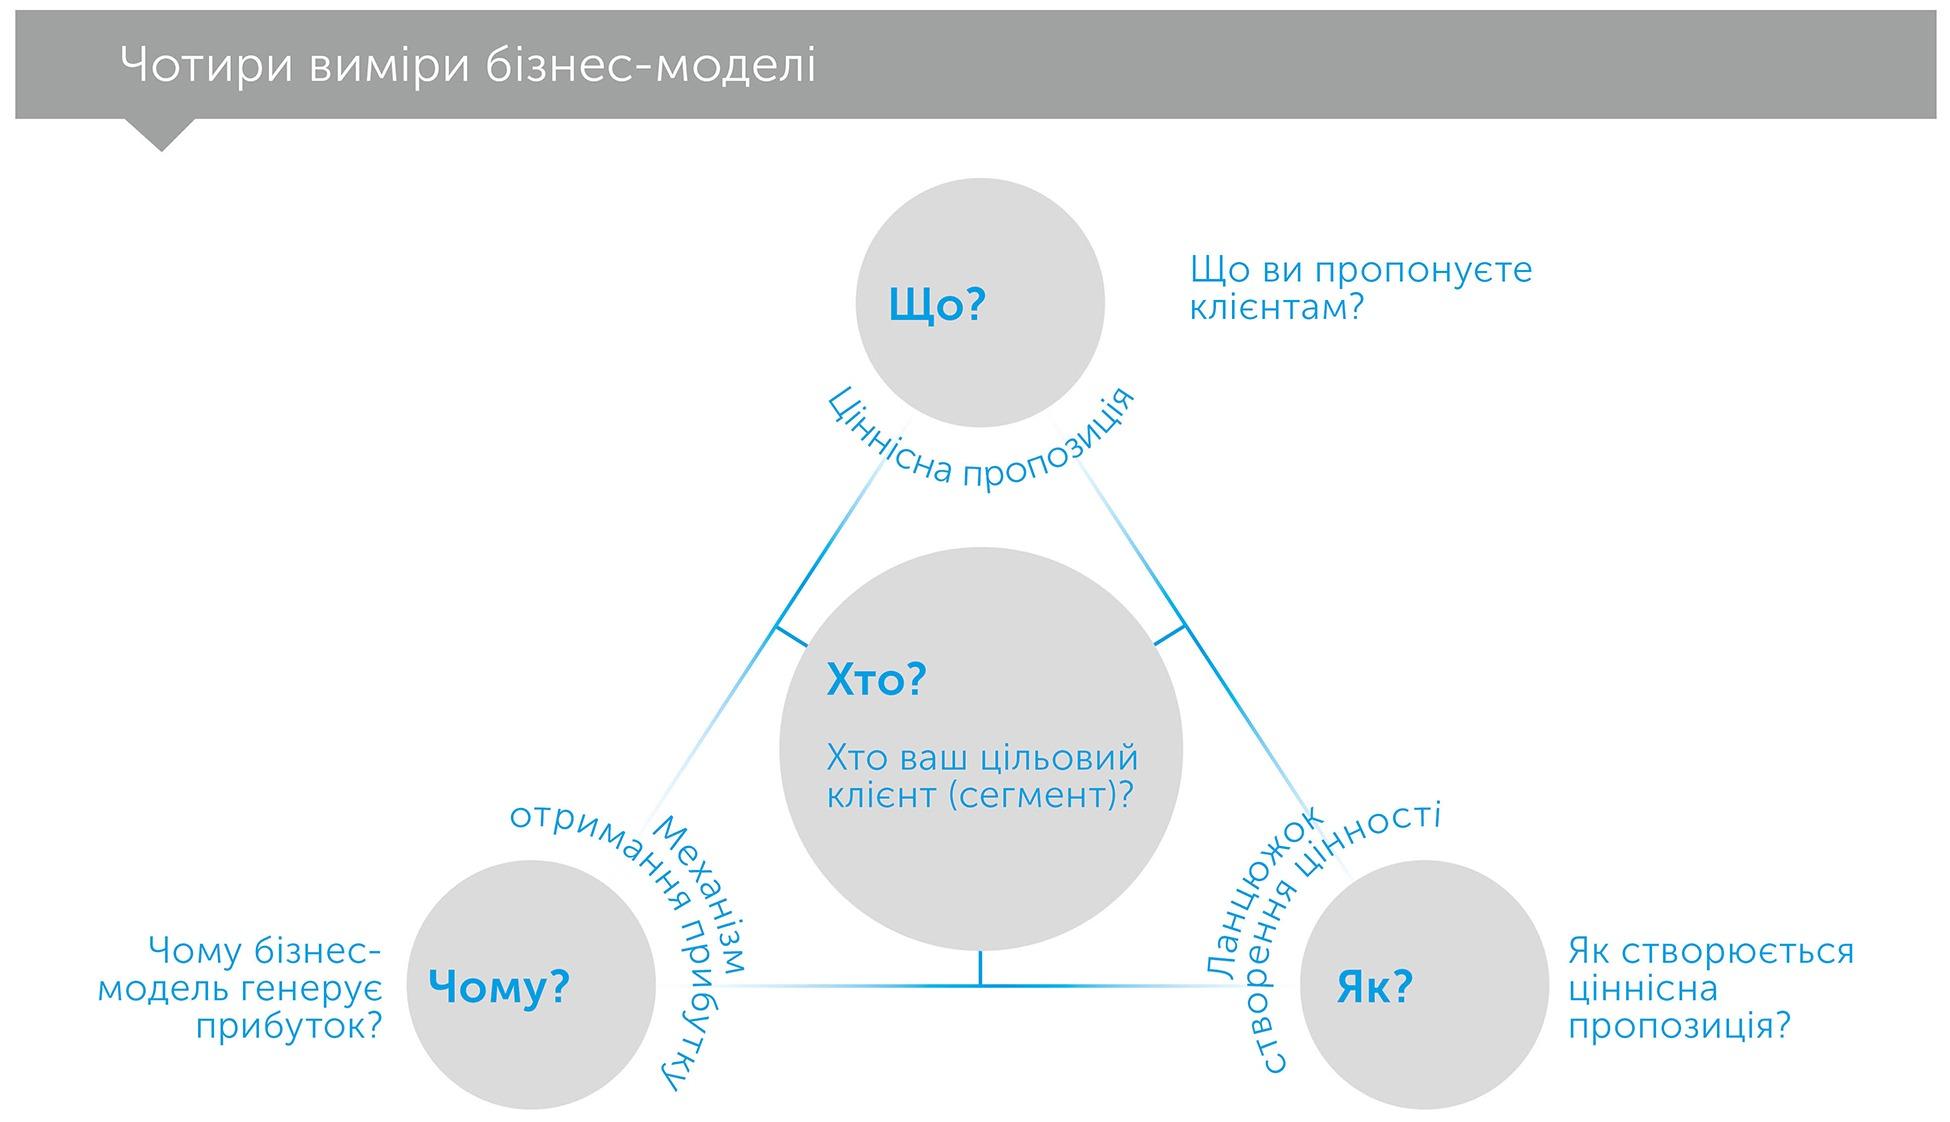 Бізнес-моделі, автор Оливер Гассман | Kyivstar Business Hub, зображення №3